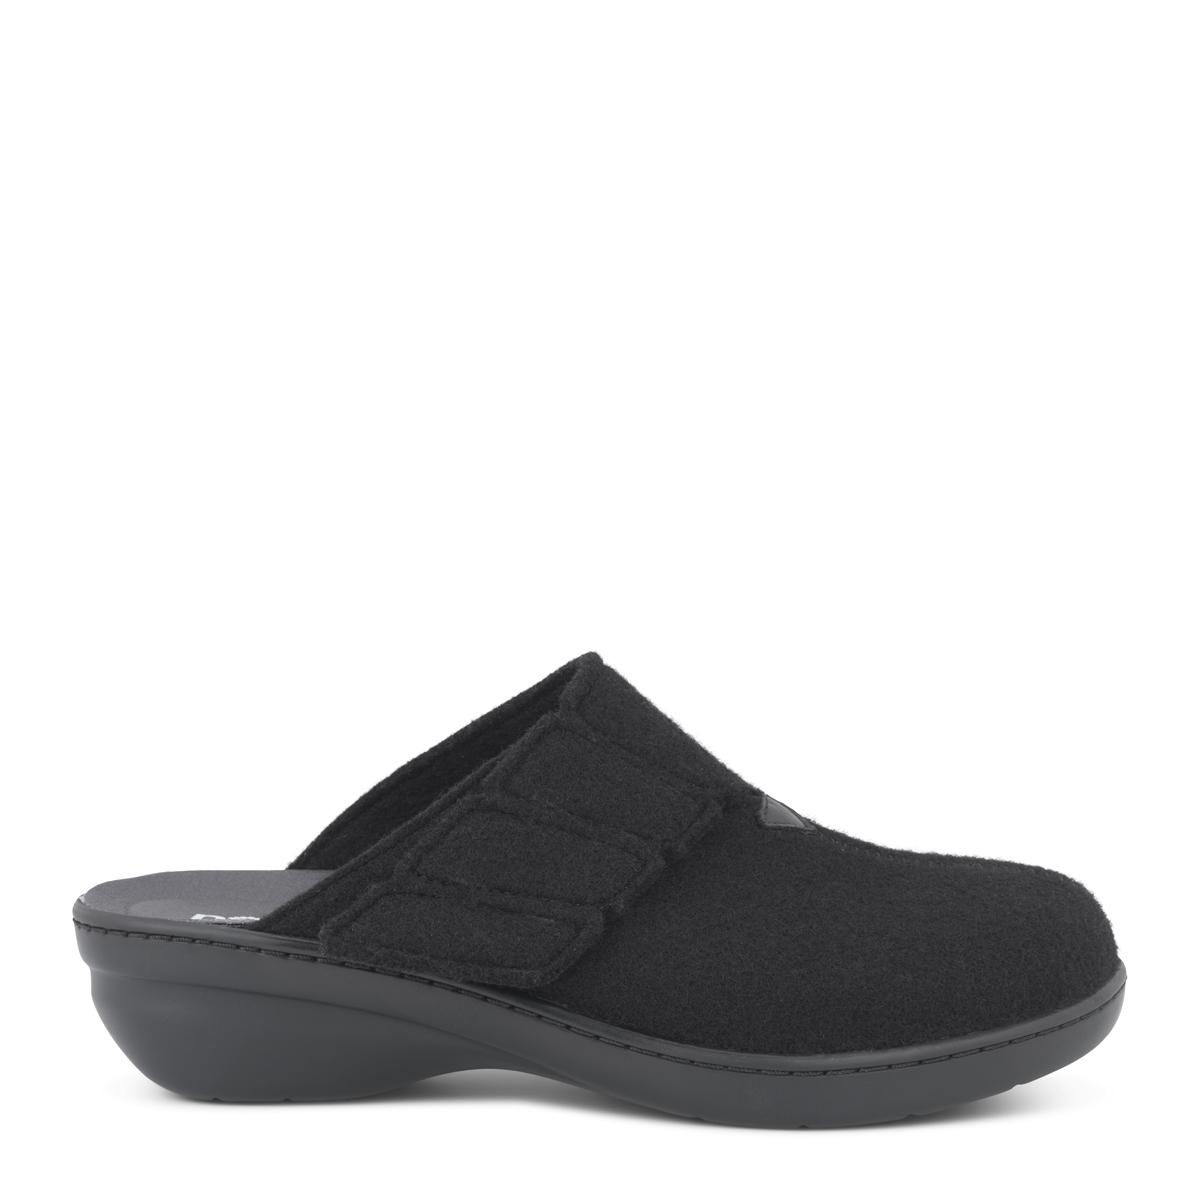 New Feet dame hjemmesko i uld med lille hæl